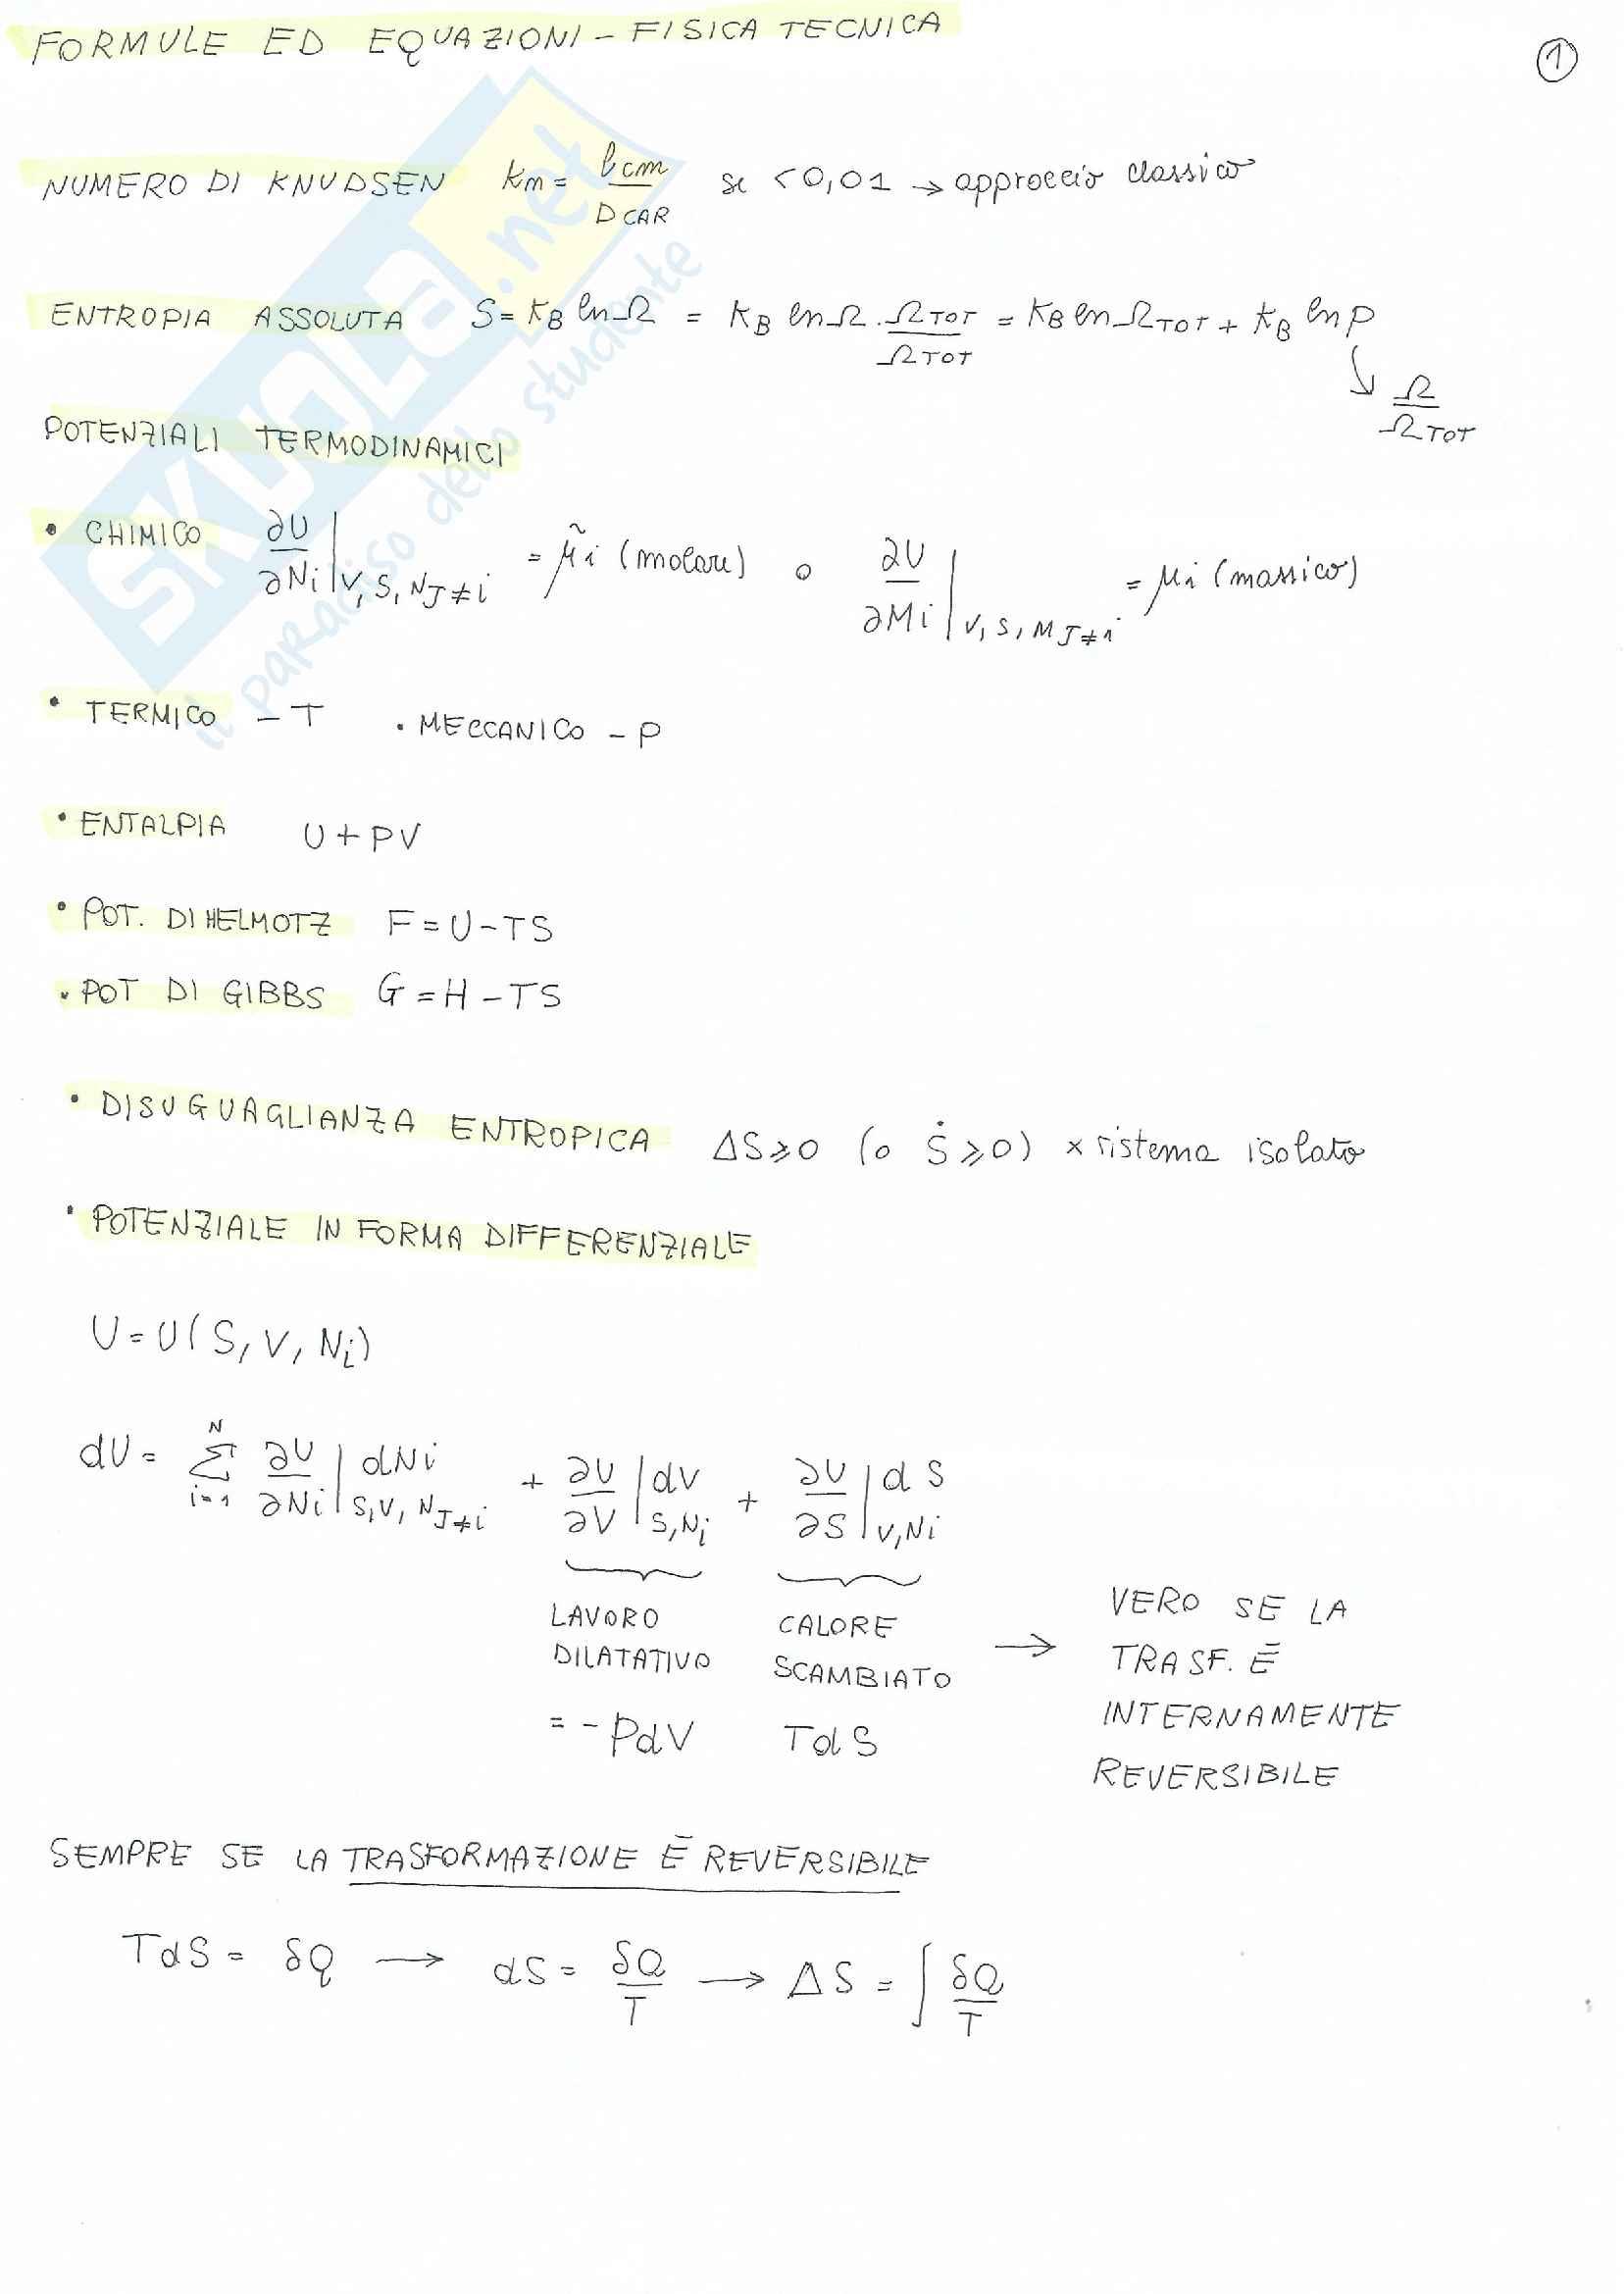 Fisica Tecnica - formulario + esercizi + risposte a domande di teoria